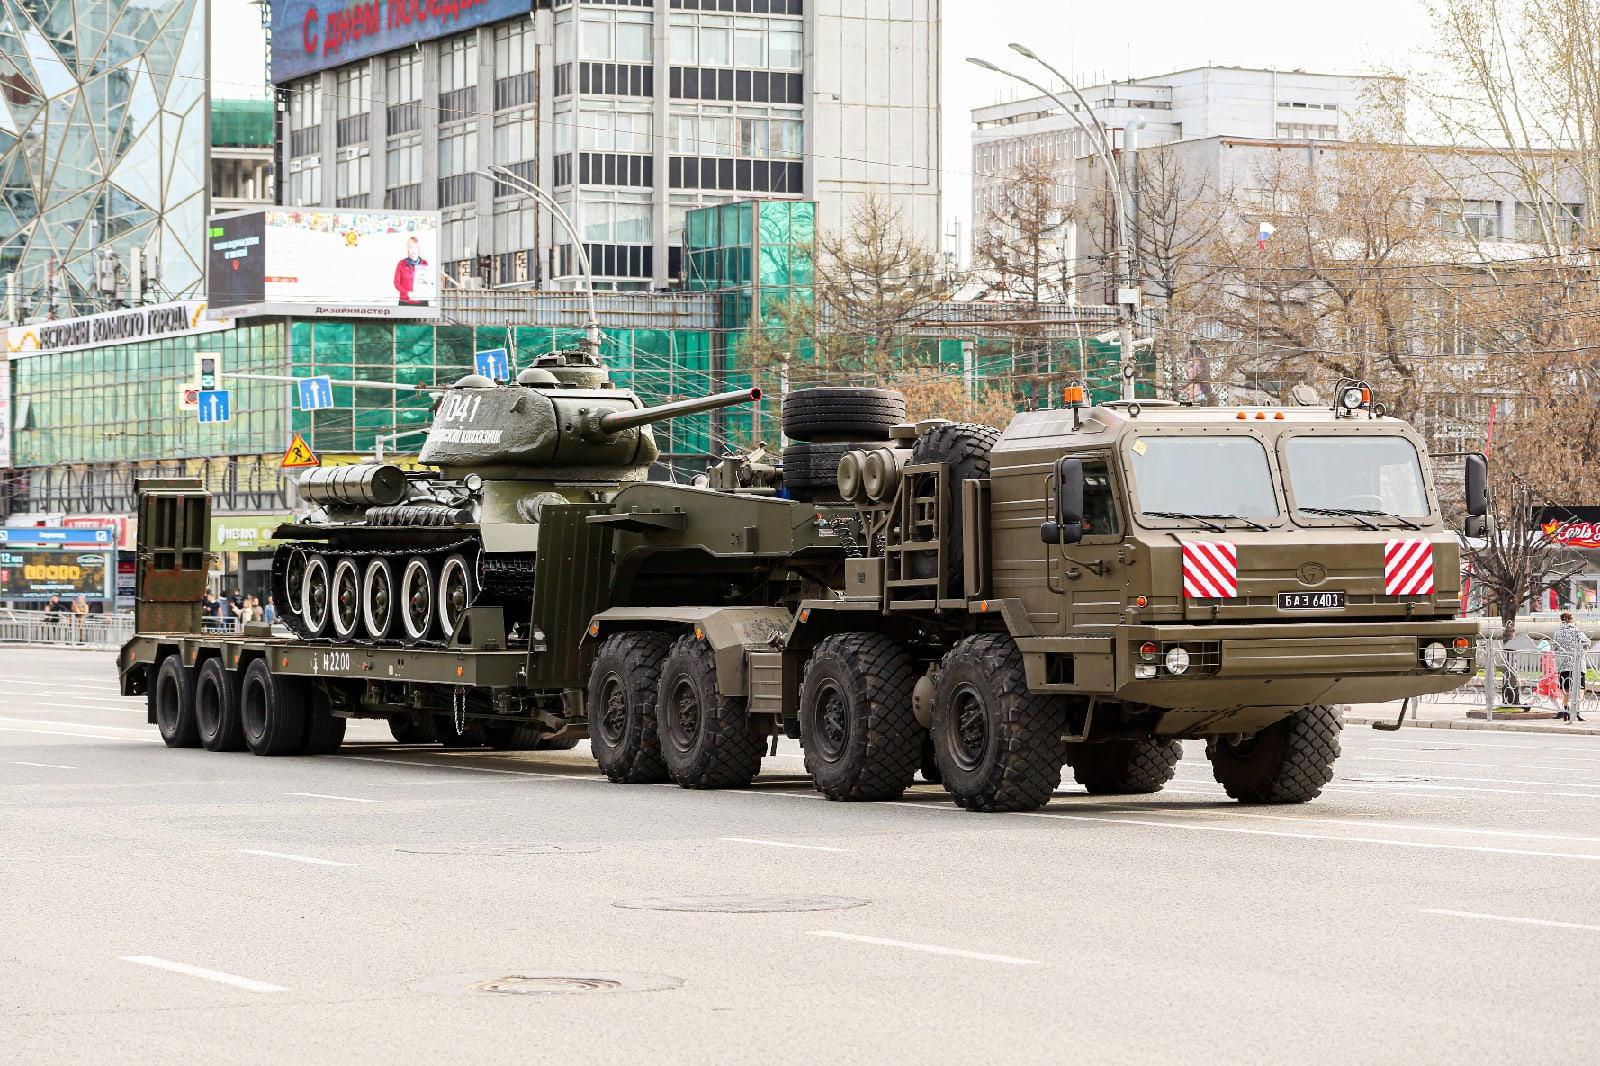 Фото Репетиция военного парада состоялась в Новосибирске 4